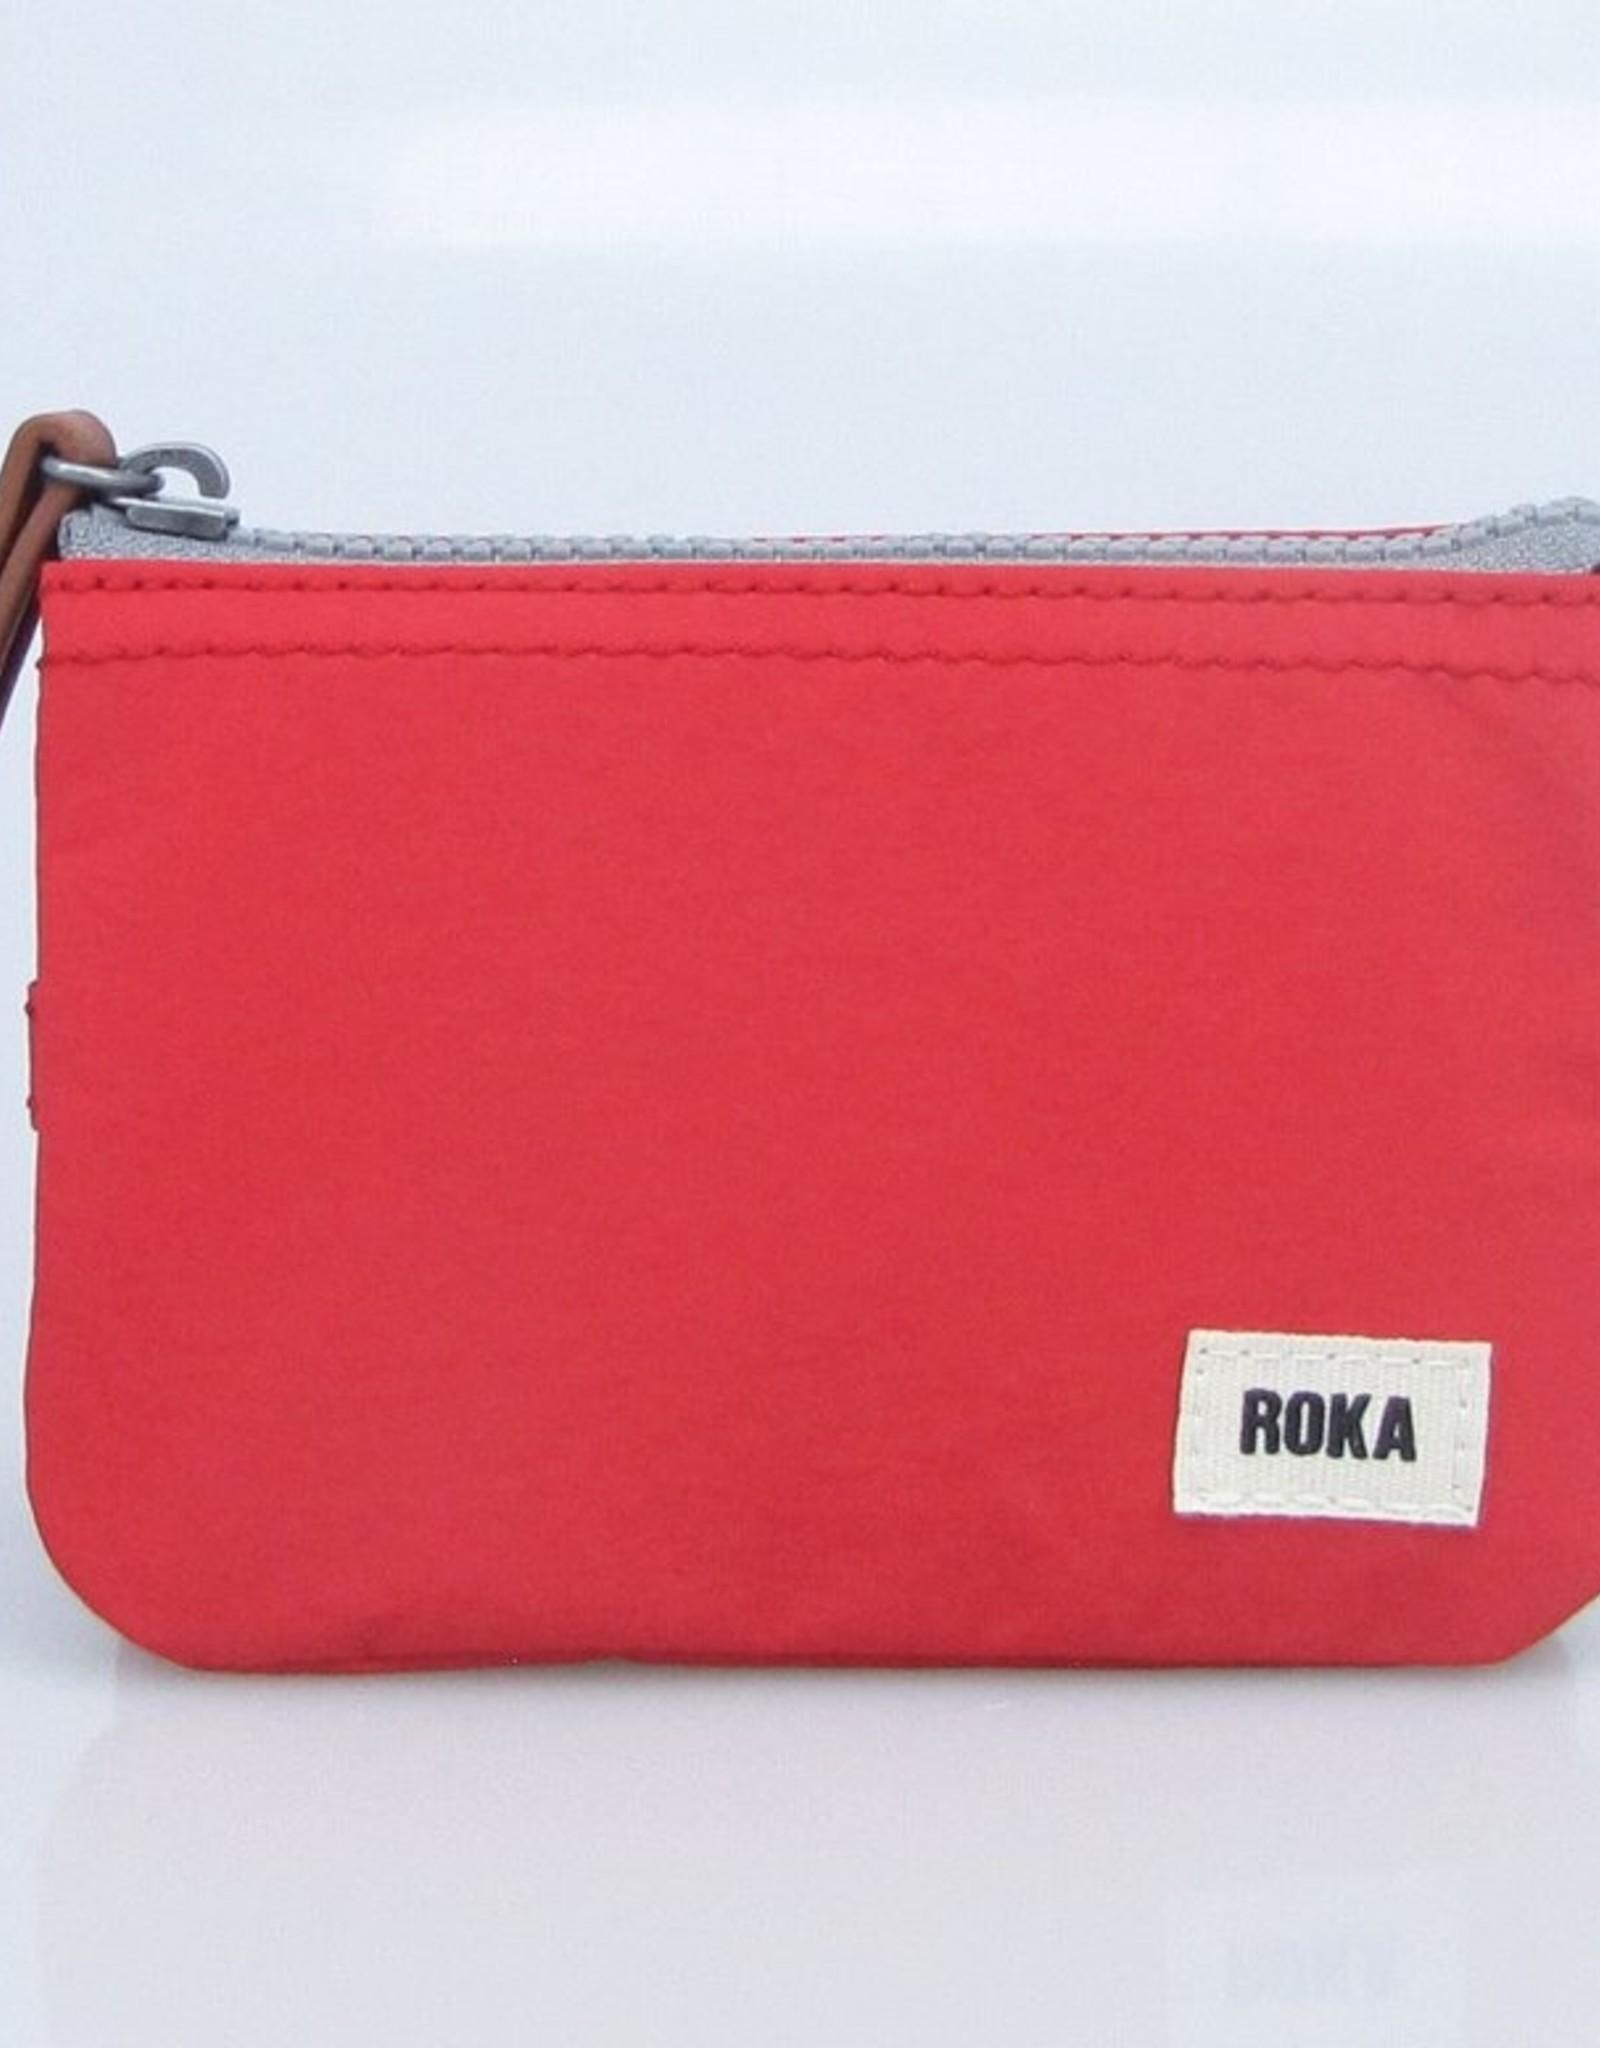 ROKA London Carnaby Small Strawberry  Nylon